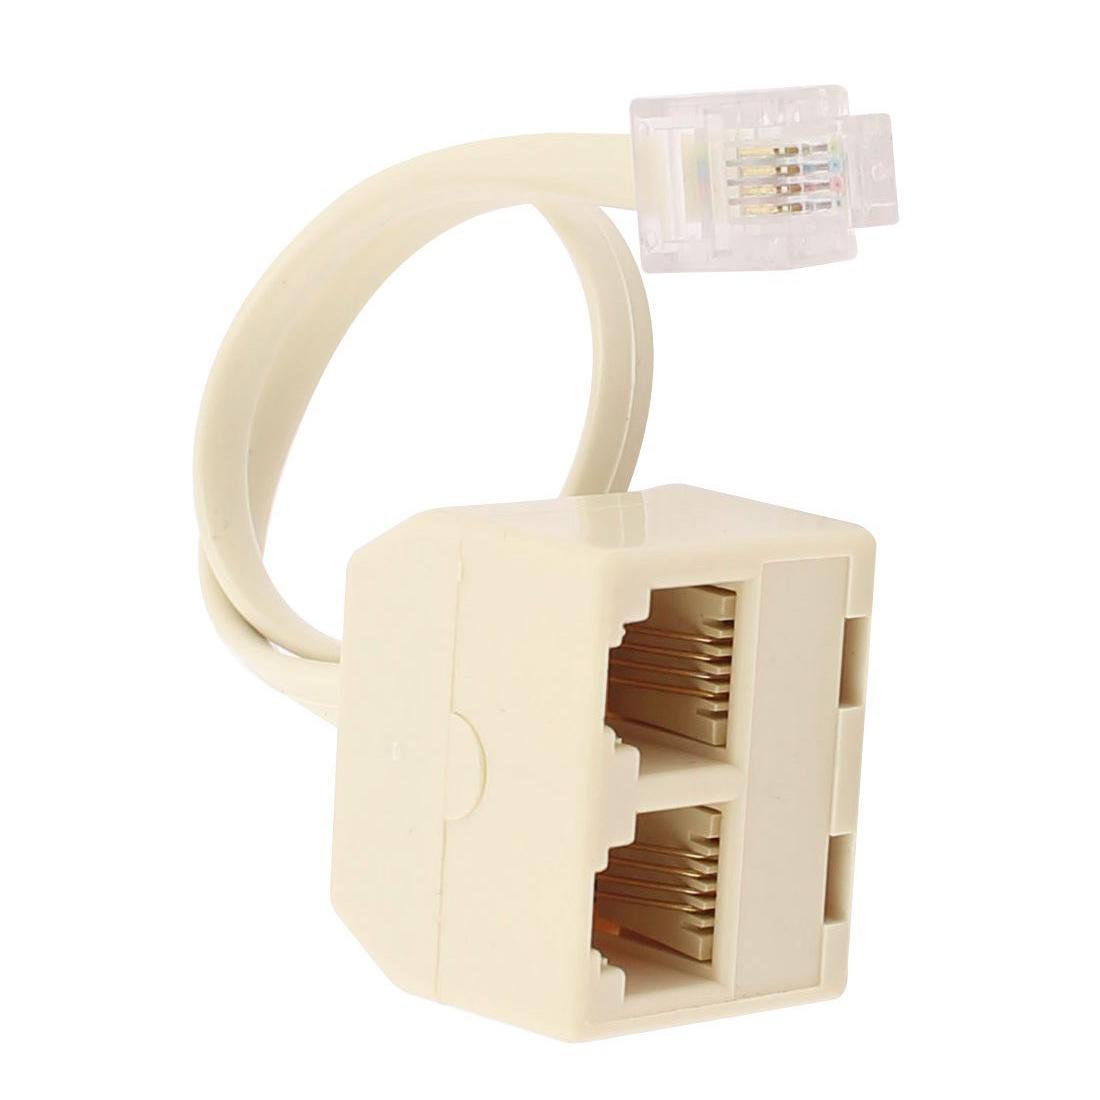 rj11 6p4c 2 way outlet telephone jack line splitter. Black Bedroom Furniture Sets. Home Design Ideas